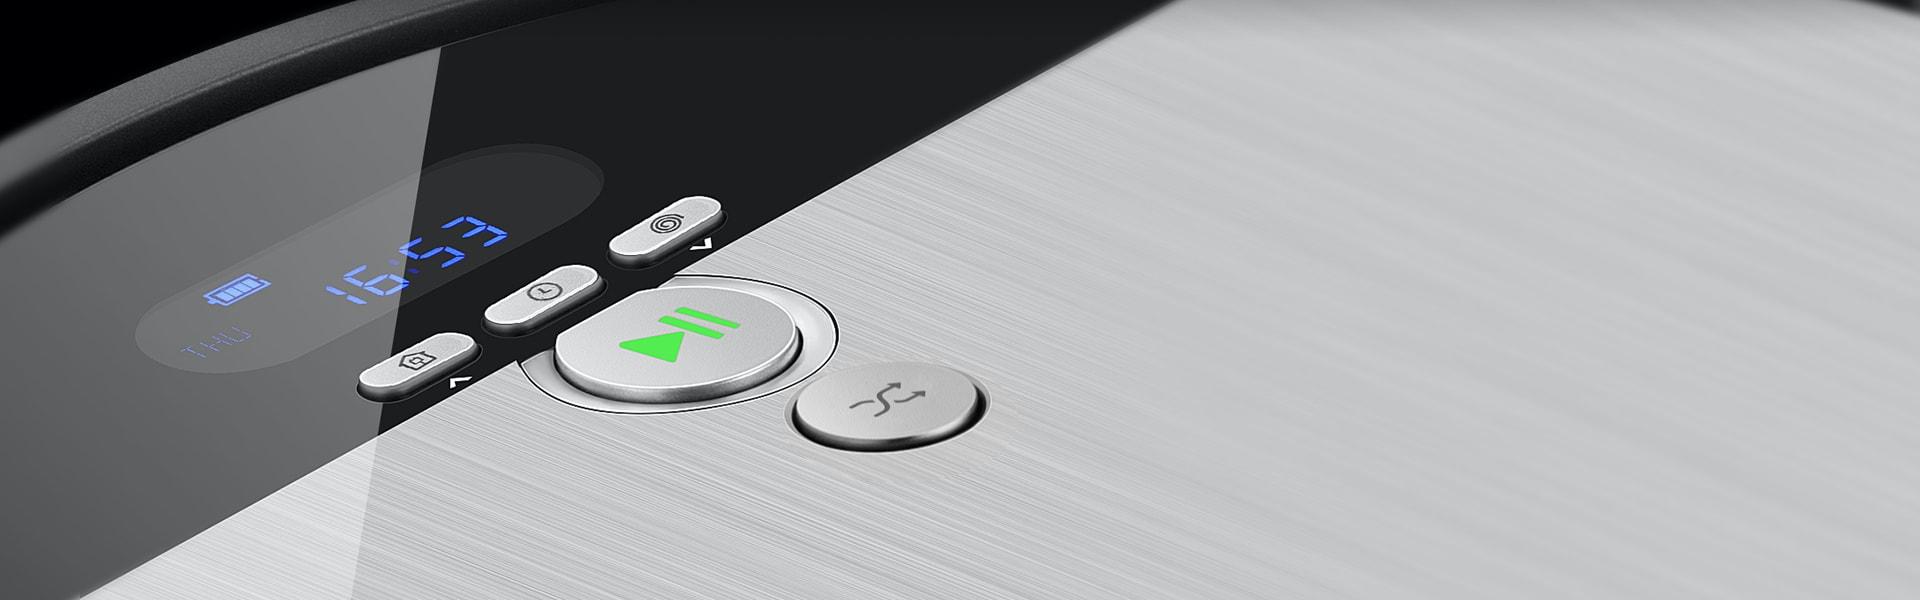 Robot hút bụi lau sàn ILife V8s được thiết kế phím cơ và màn hình LCD